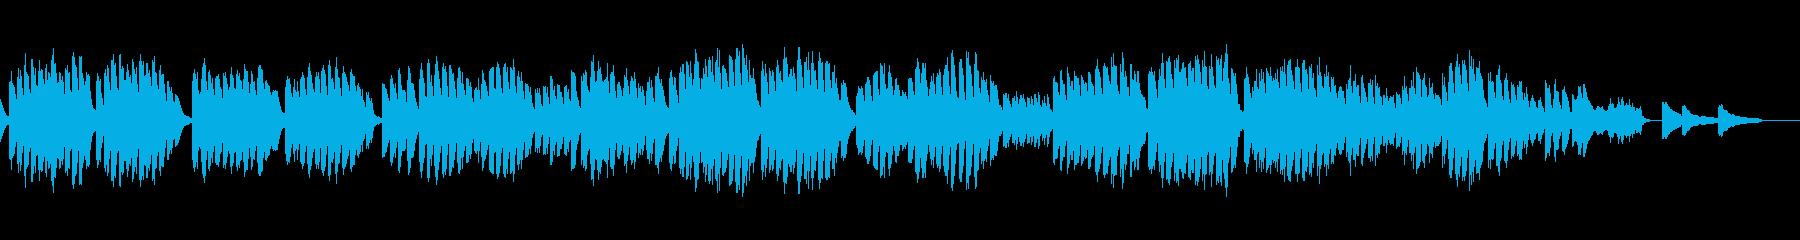 エチュード 作品25-3 オルゴールの再生済みの波形